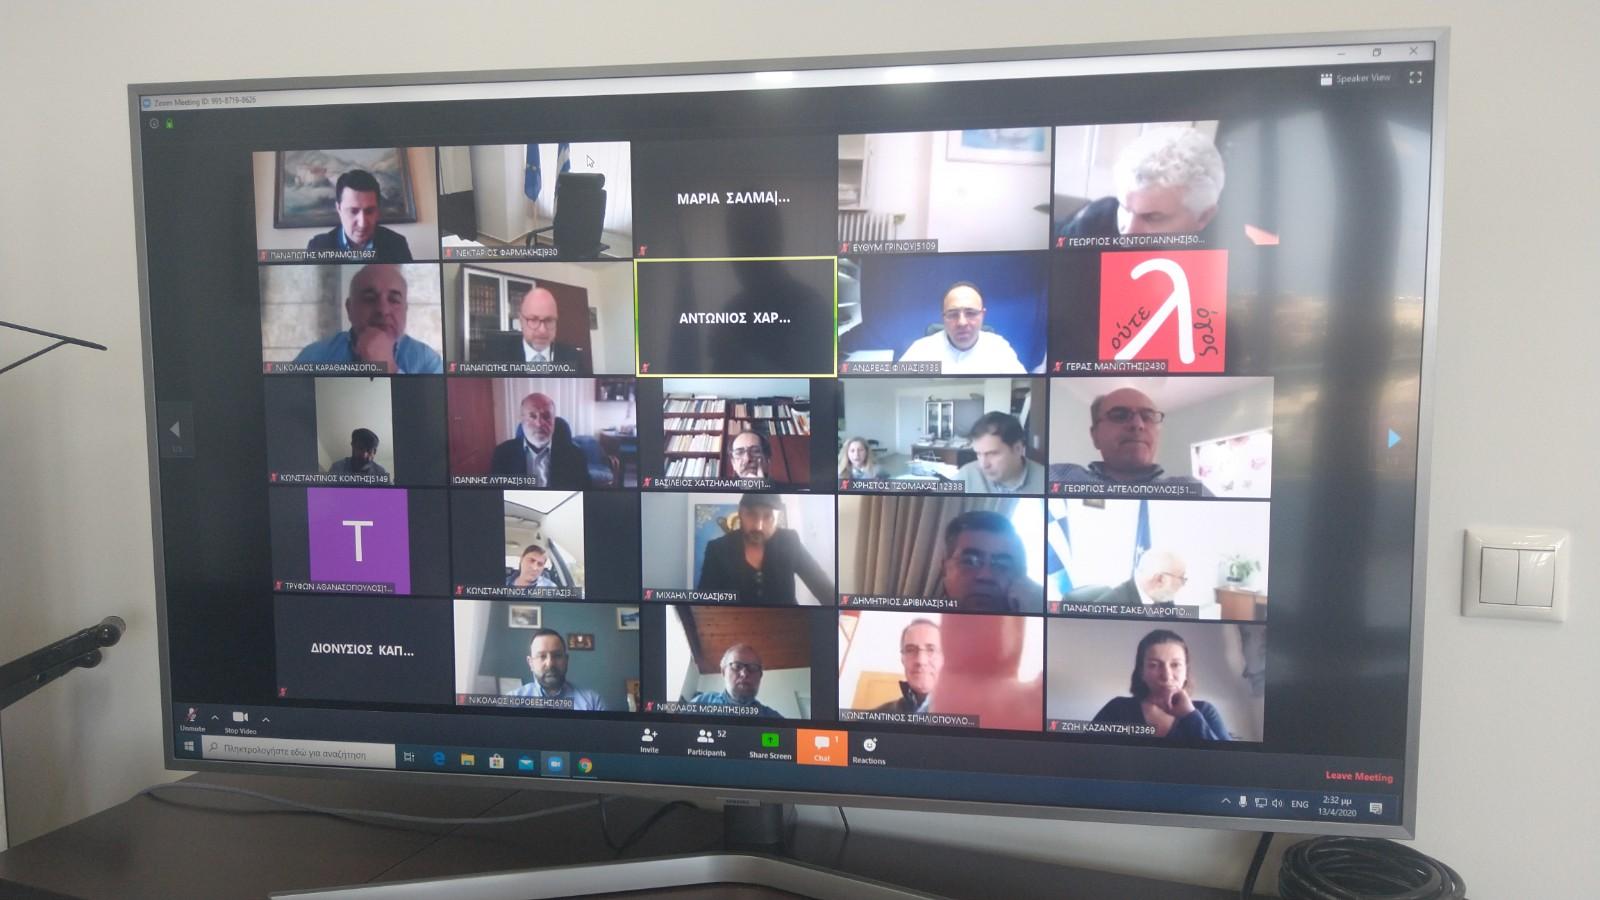 Συνεδριάζει με τηλεδιάσκεψη την Τρίτη το Περιφερειακό Συμβούλιο